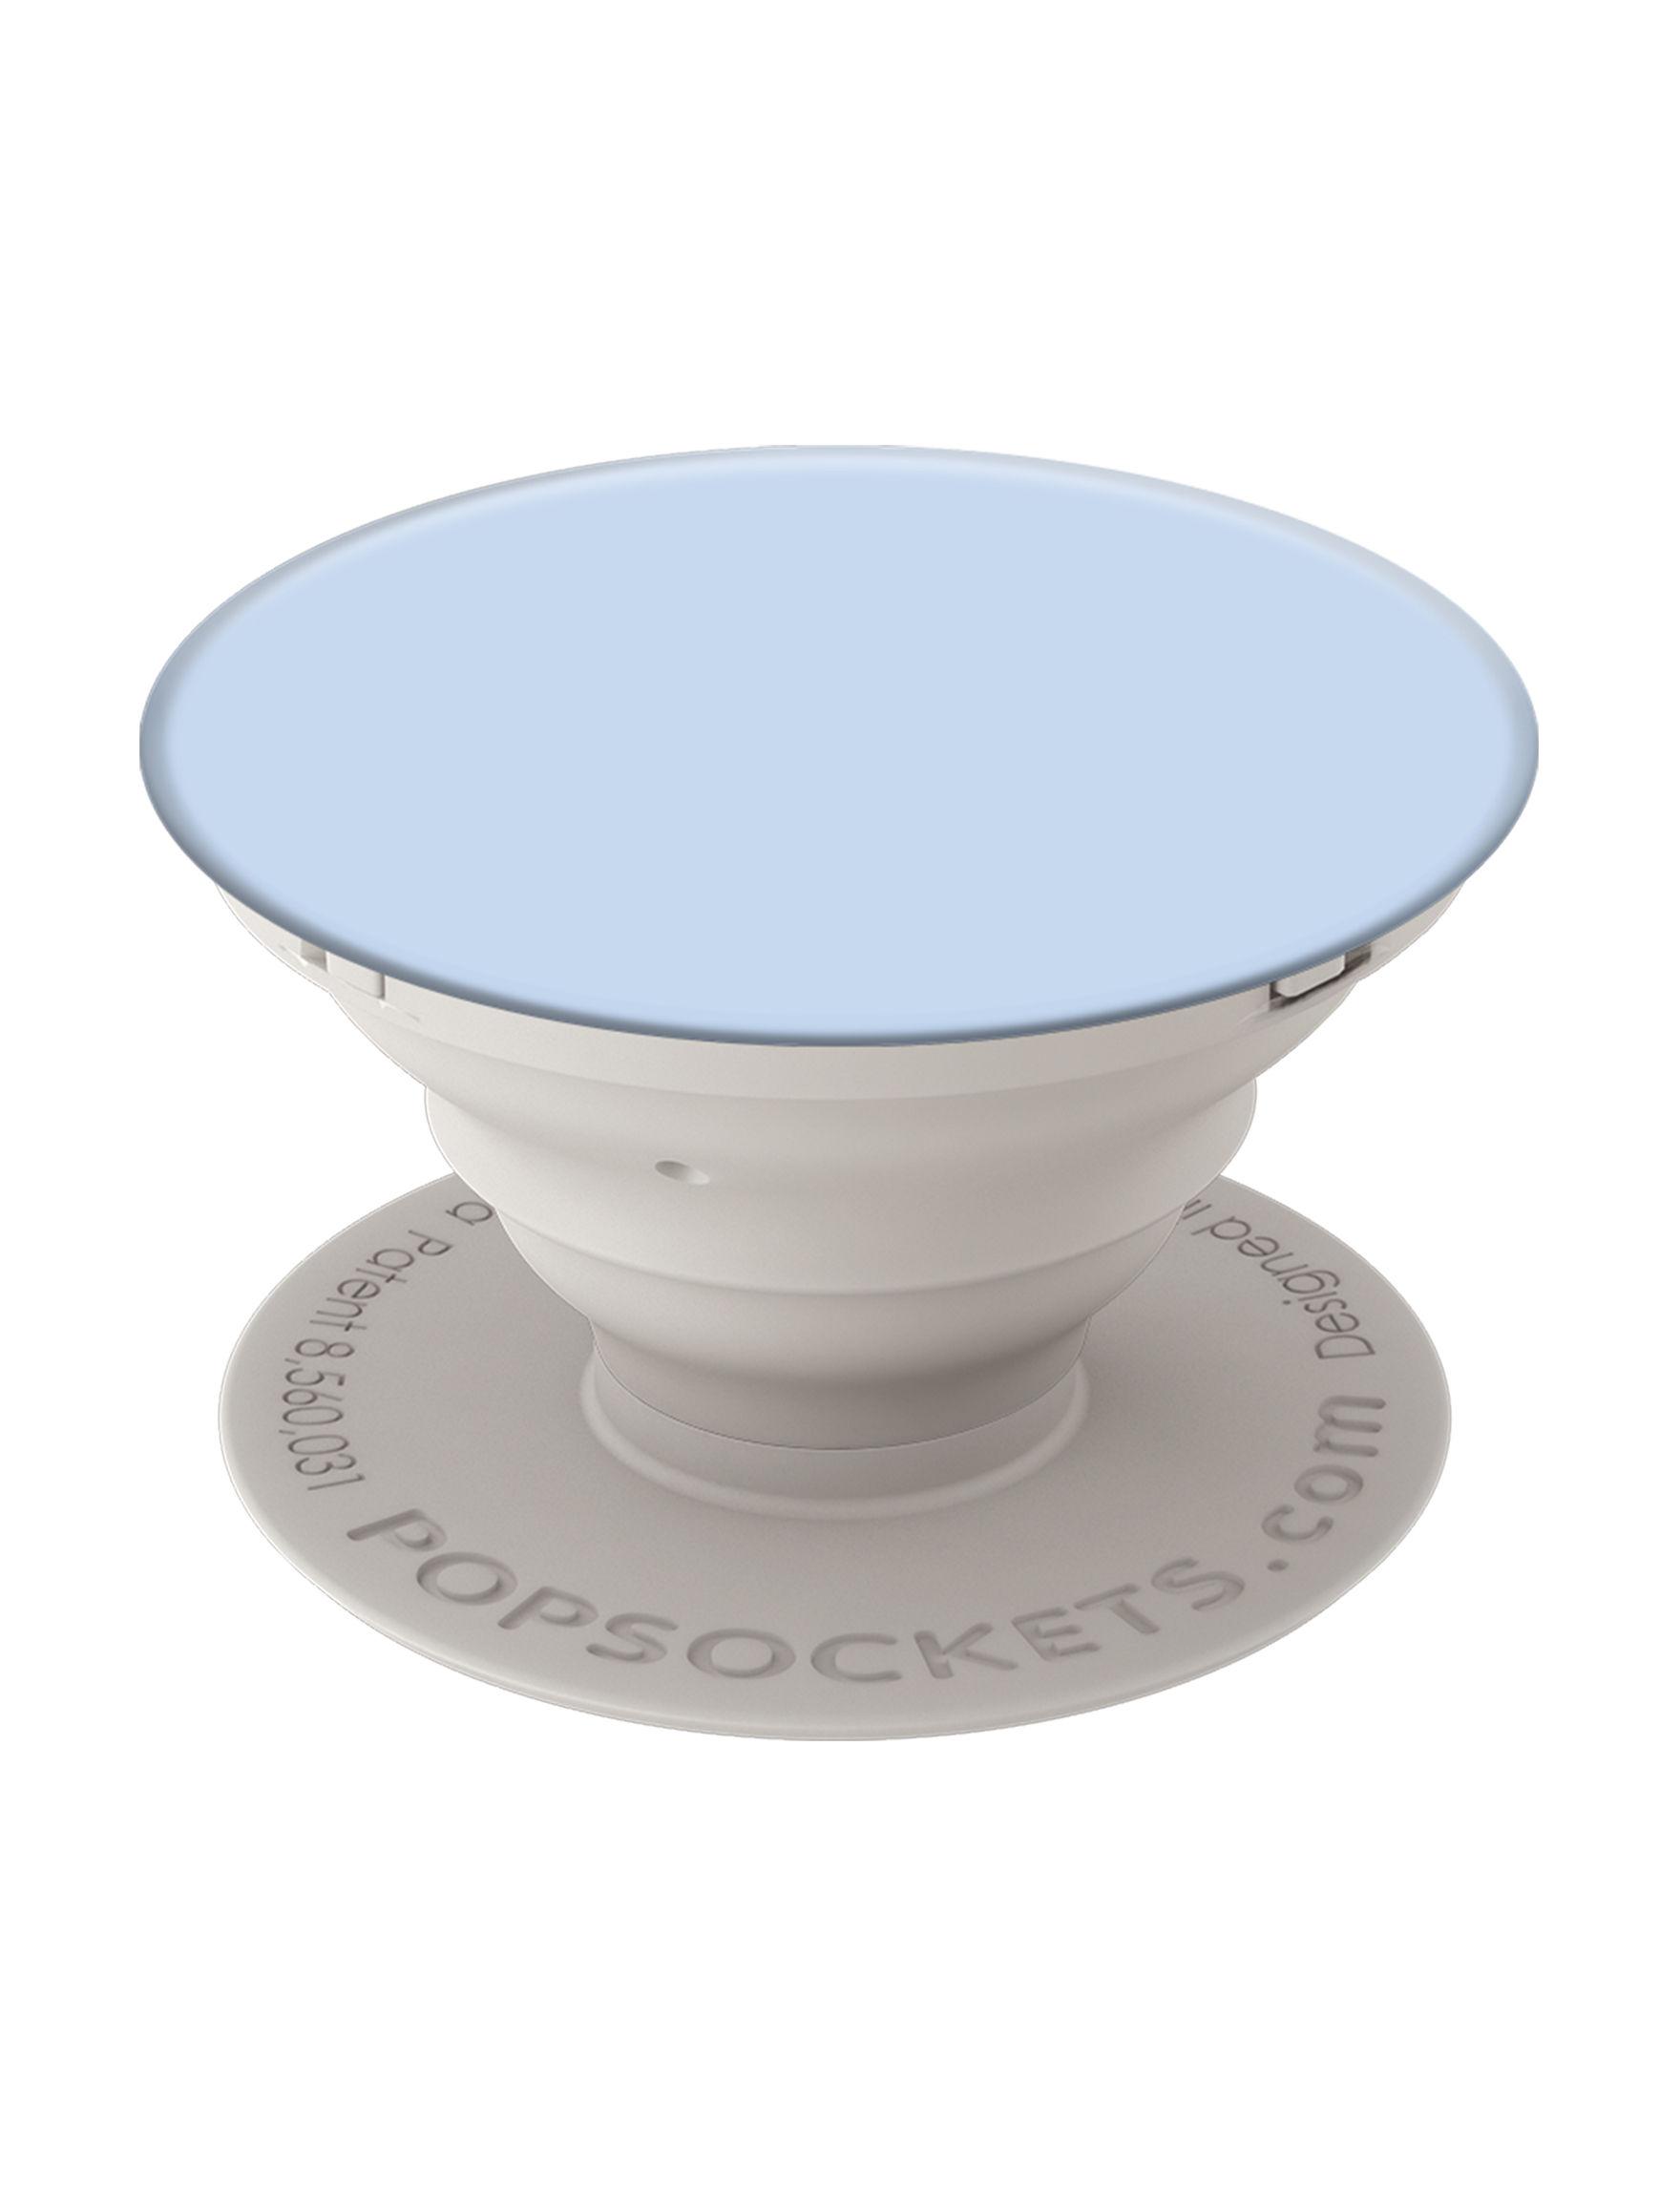 Popsockets Light Blue Mounts & Stands Tech Accessories